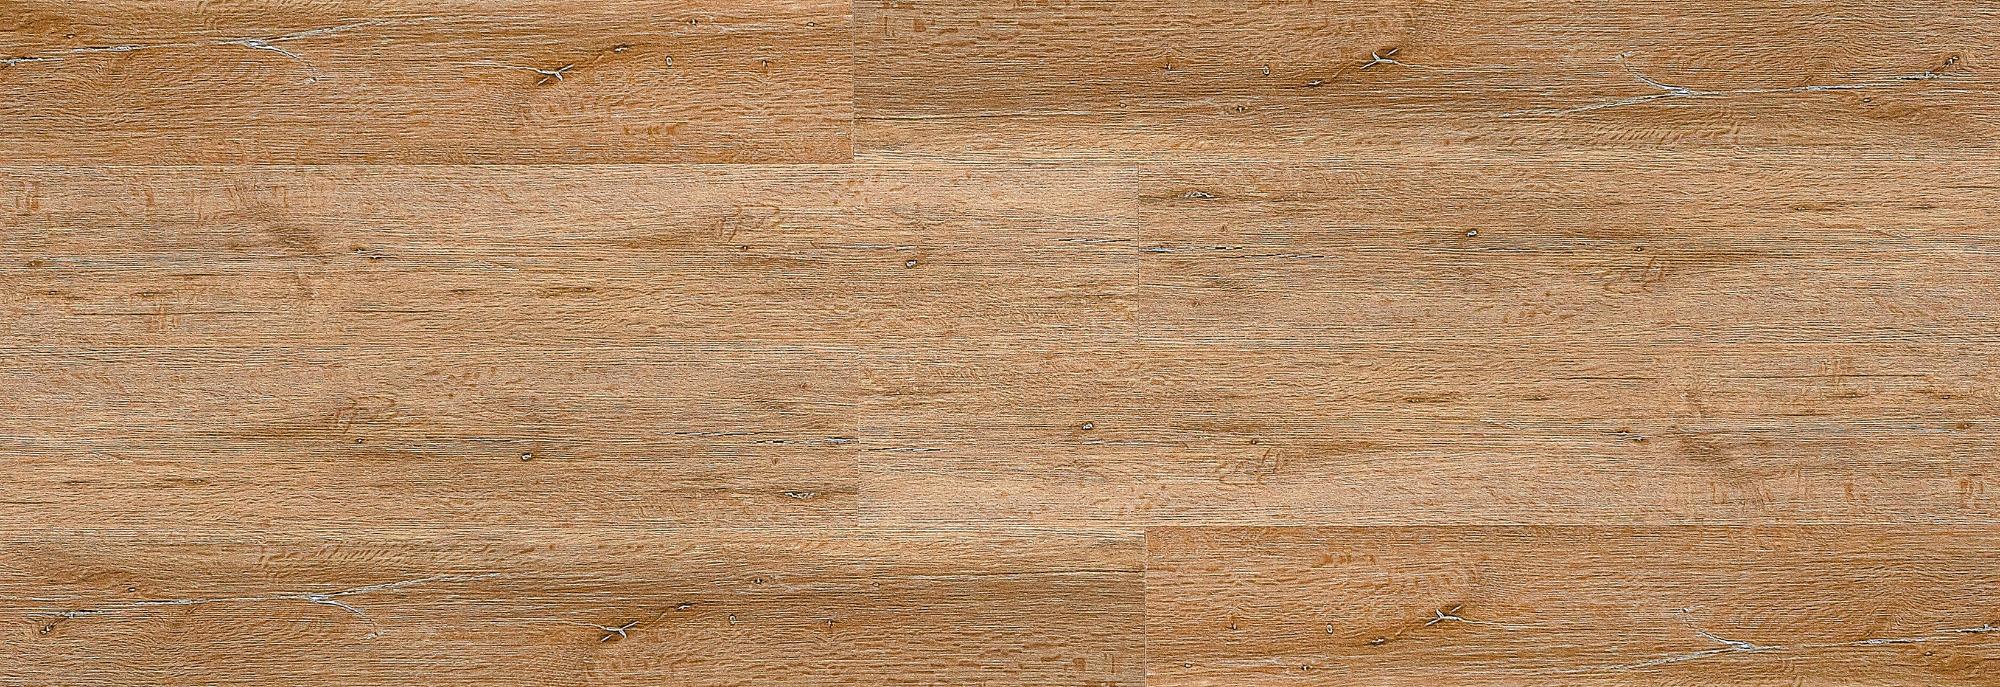 NOMAD FLO - NF10504 Salamanca Promo - Vinylová podlaha s kompozitním jádrem - Click